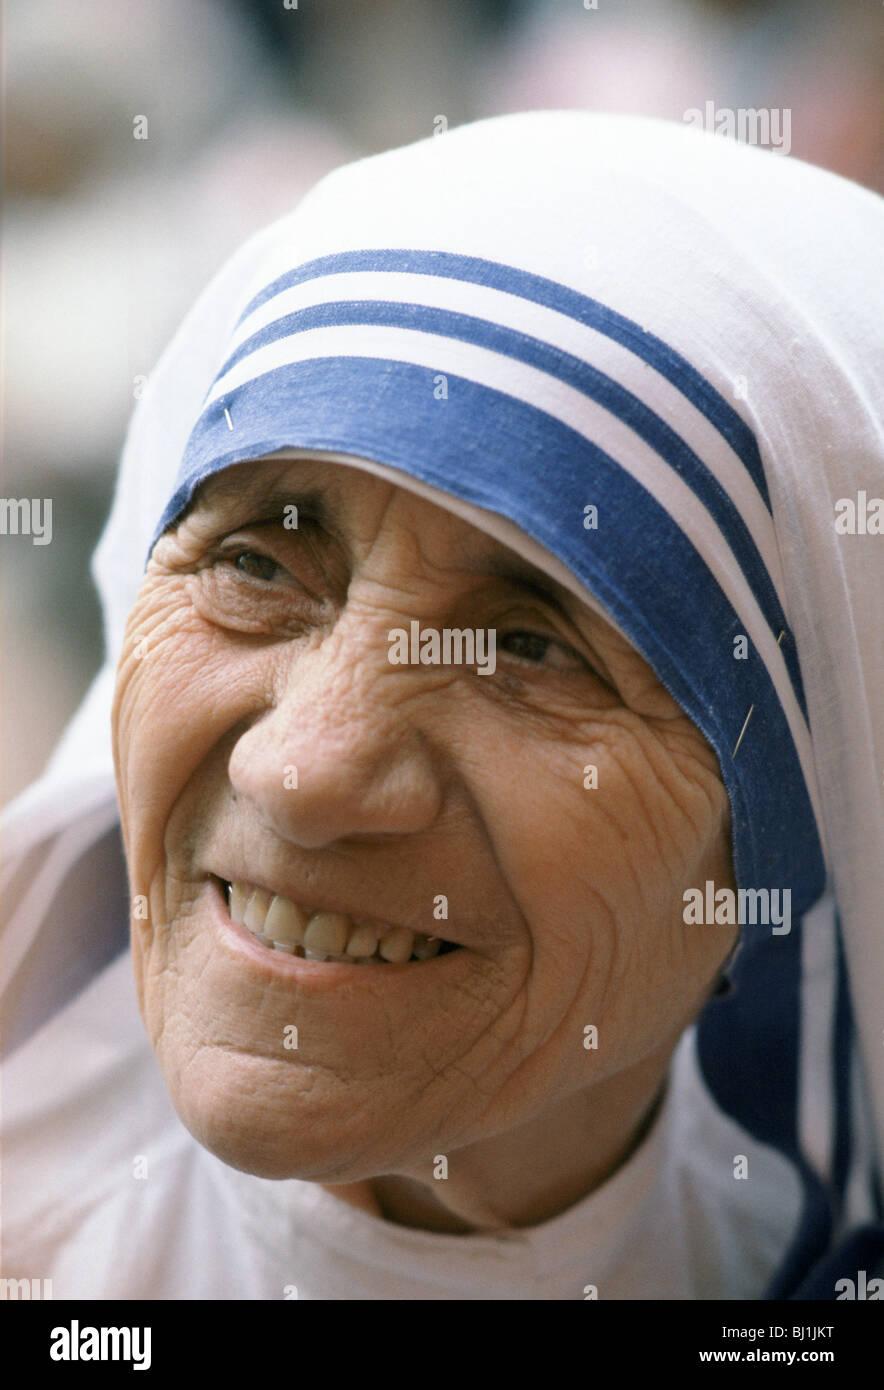 Mère Teresa de Calcutta à sa mission d'aide aux pauvres et affamés, Calcutta, Inde Banque D'Images